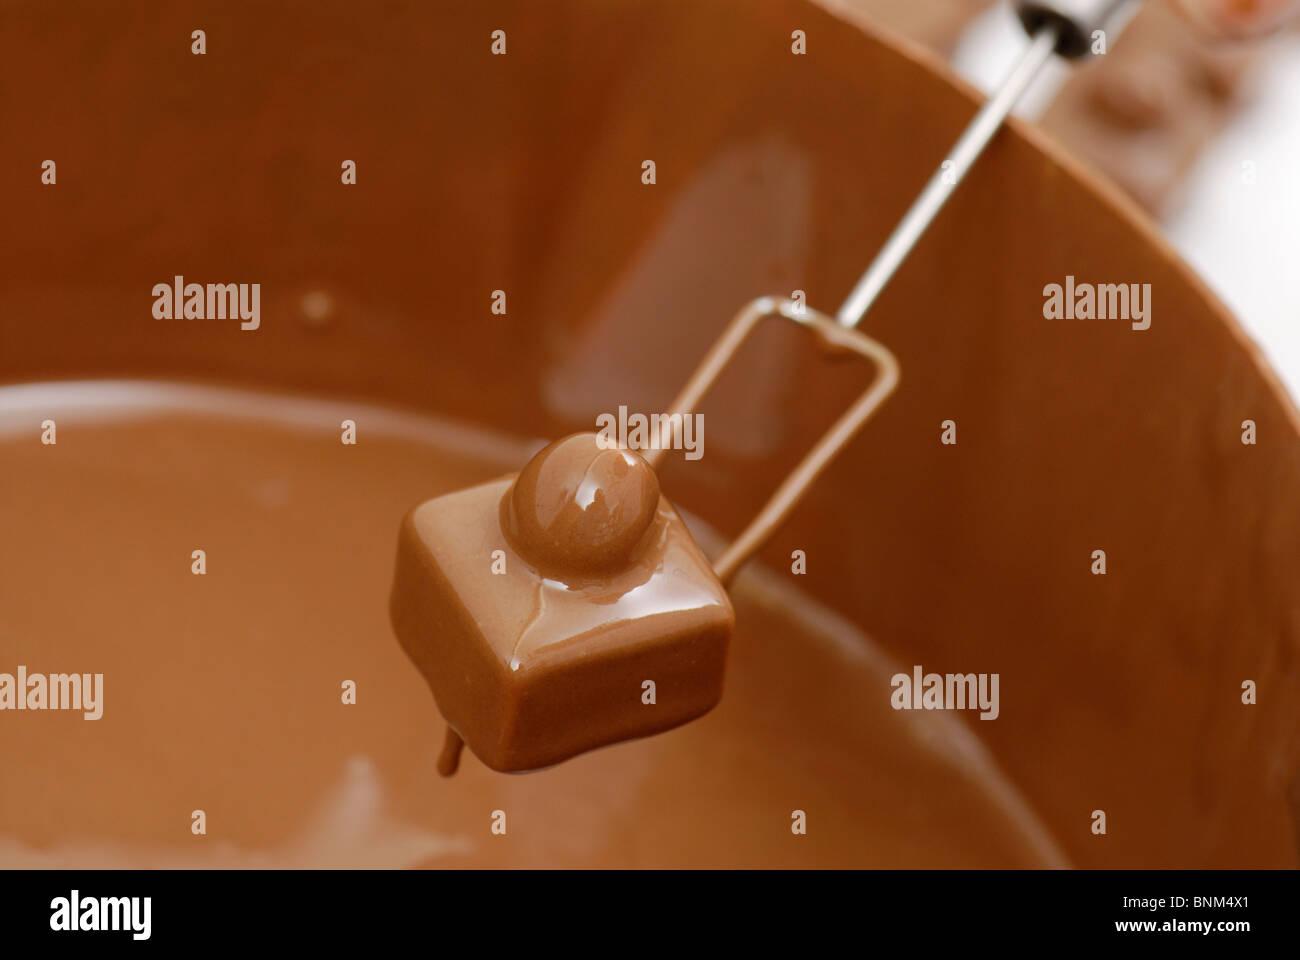 Fabricación de chocolates, blanco se sumerge en el chocolate Imagen De Stock